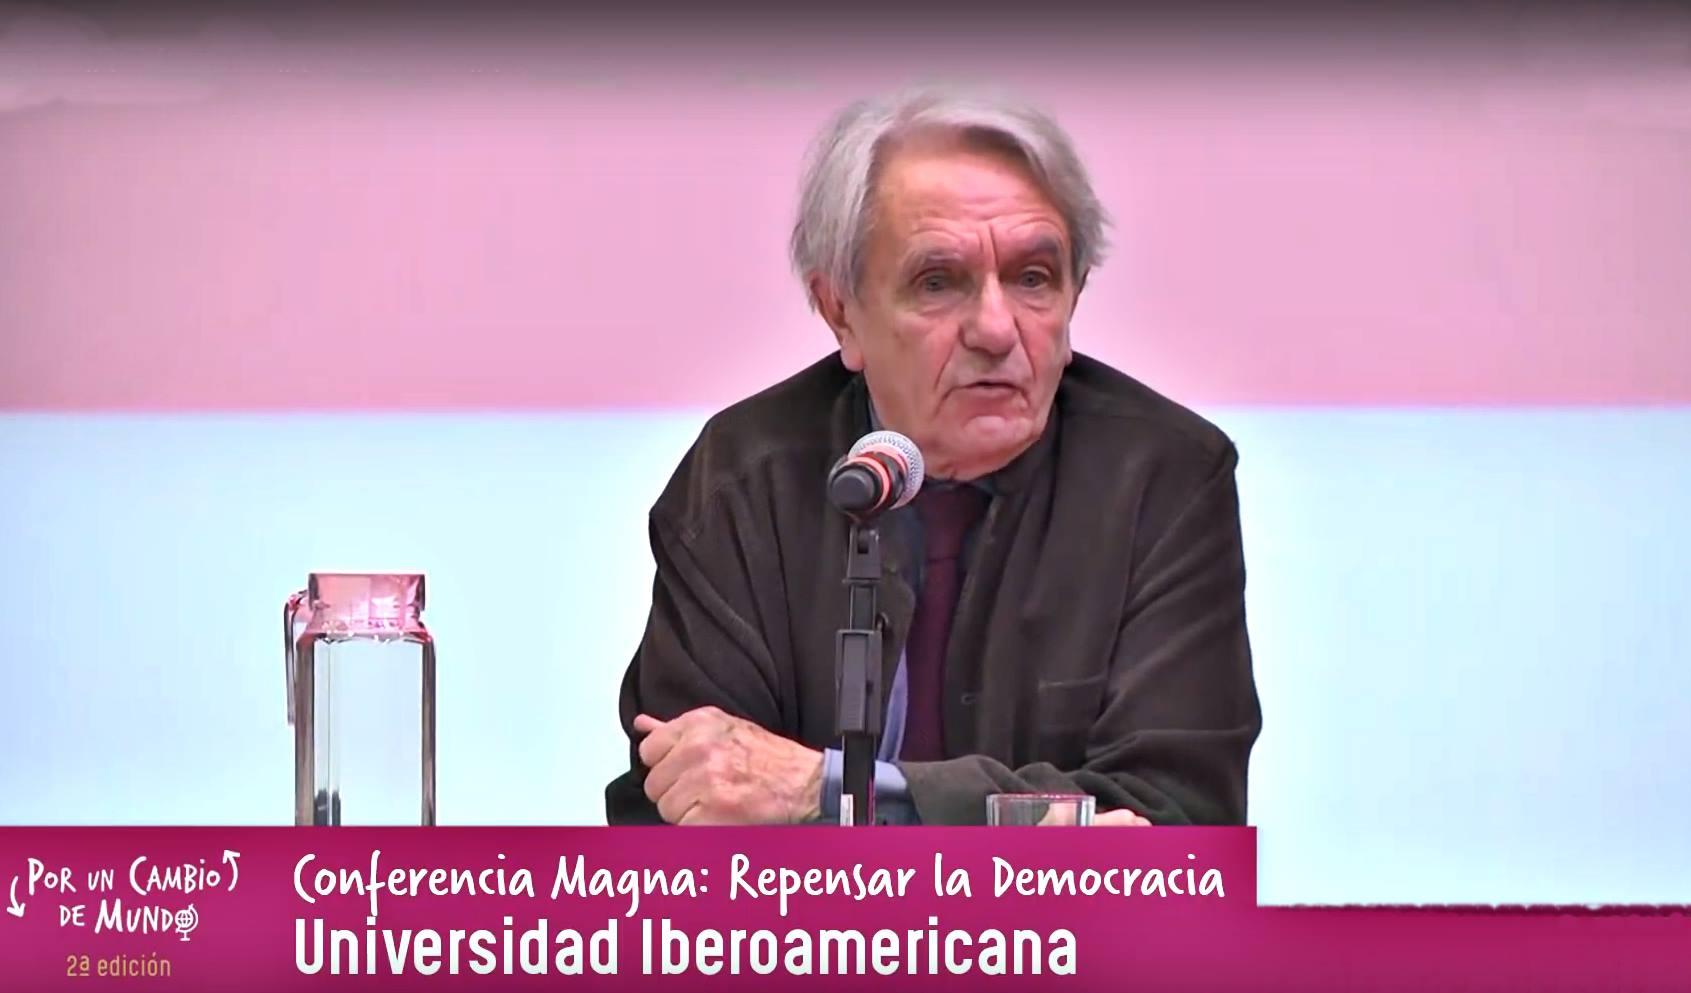 Conferencia de Jacques Rancière sobre la democracia en las calles